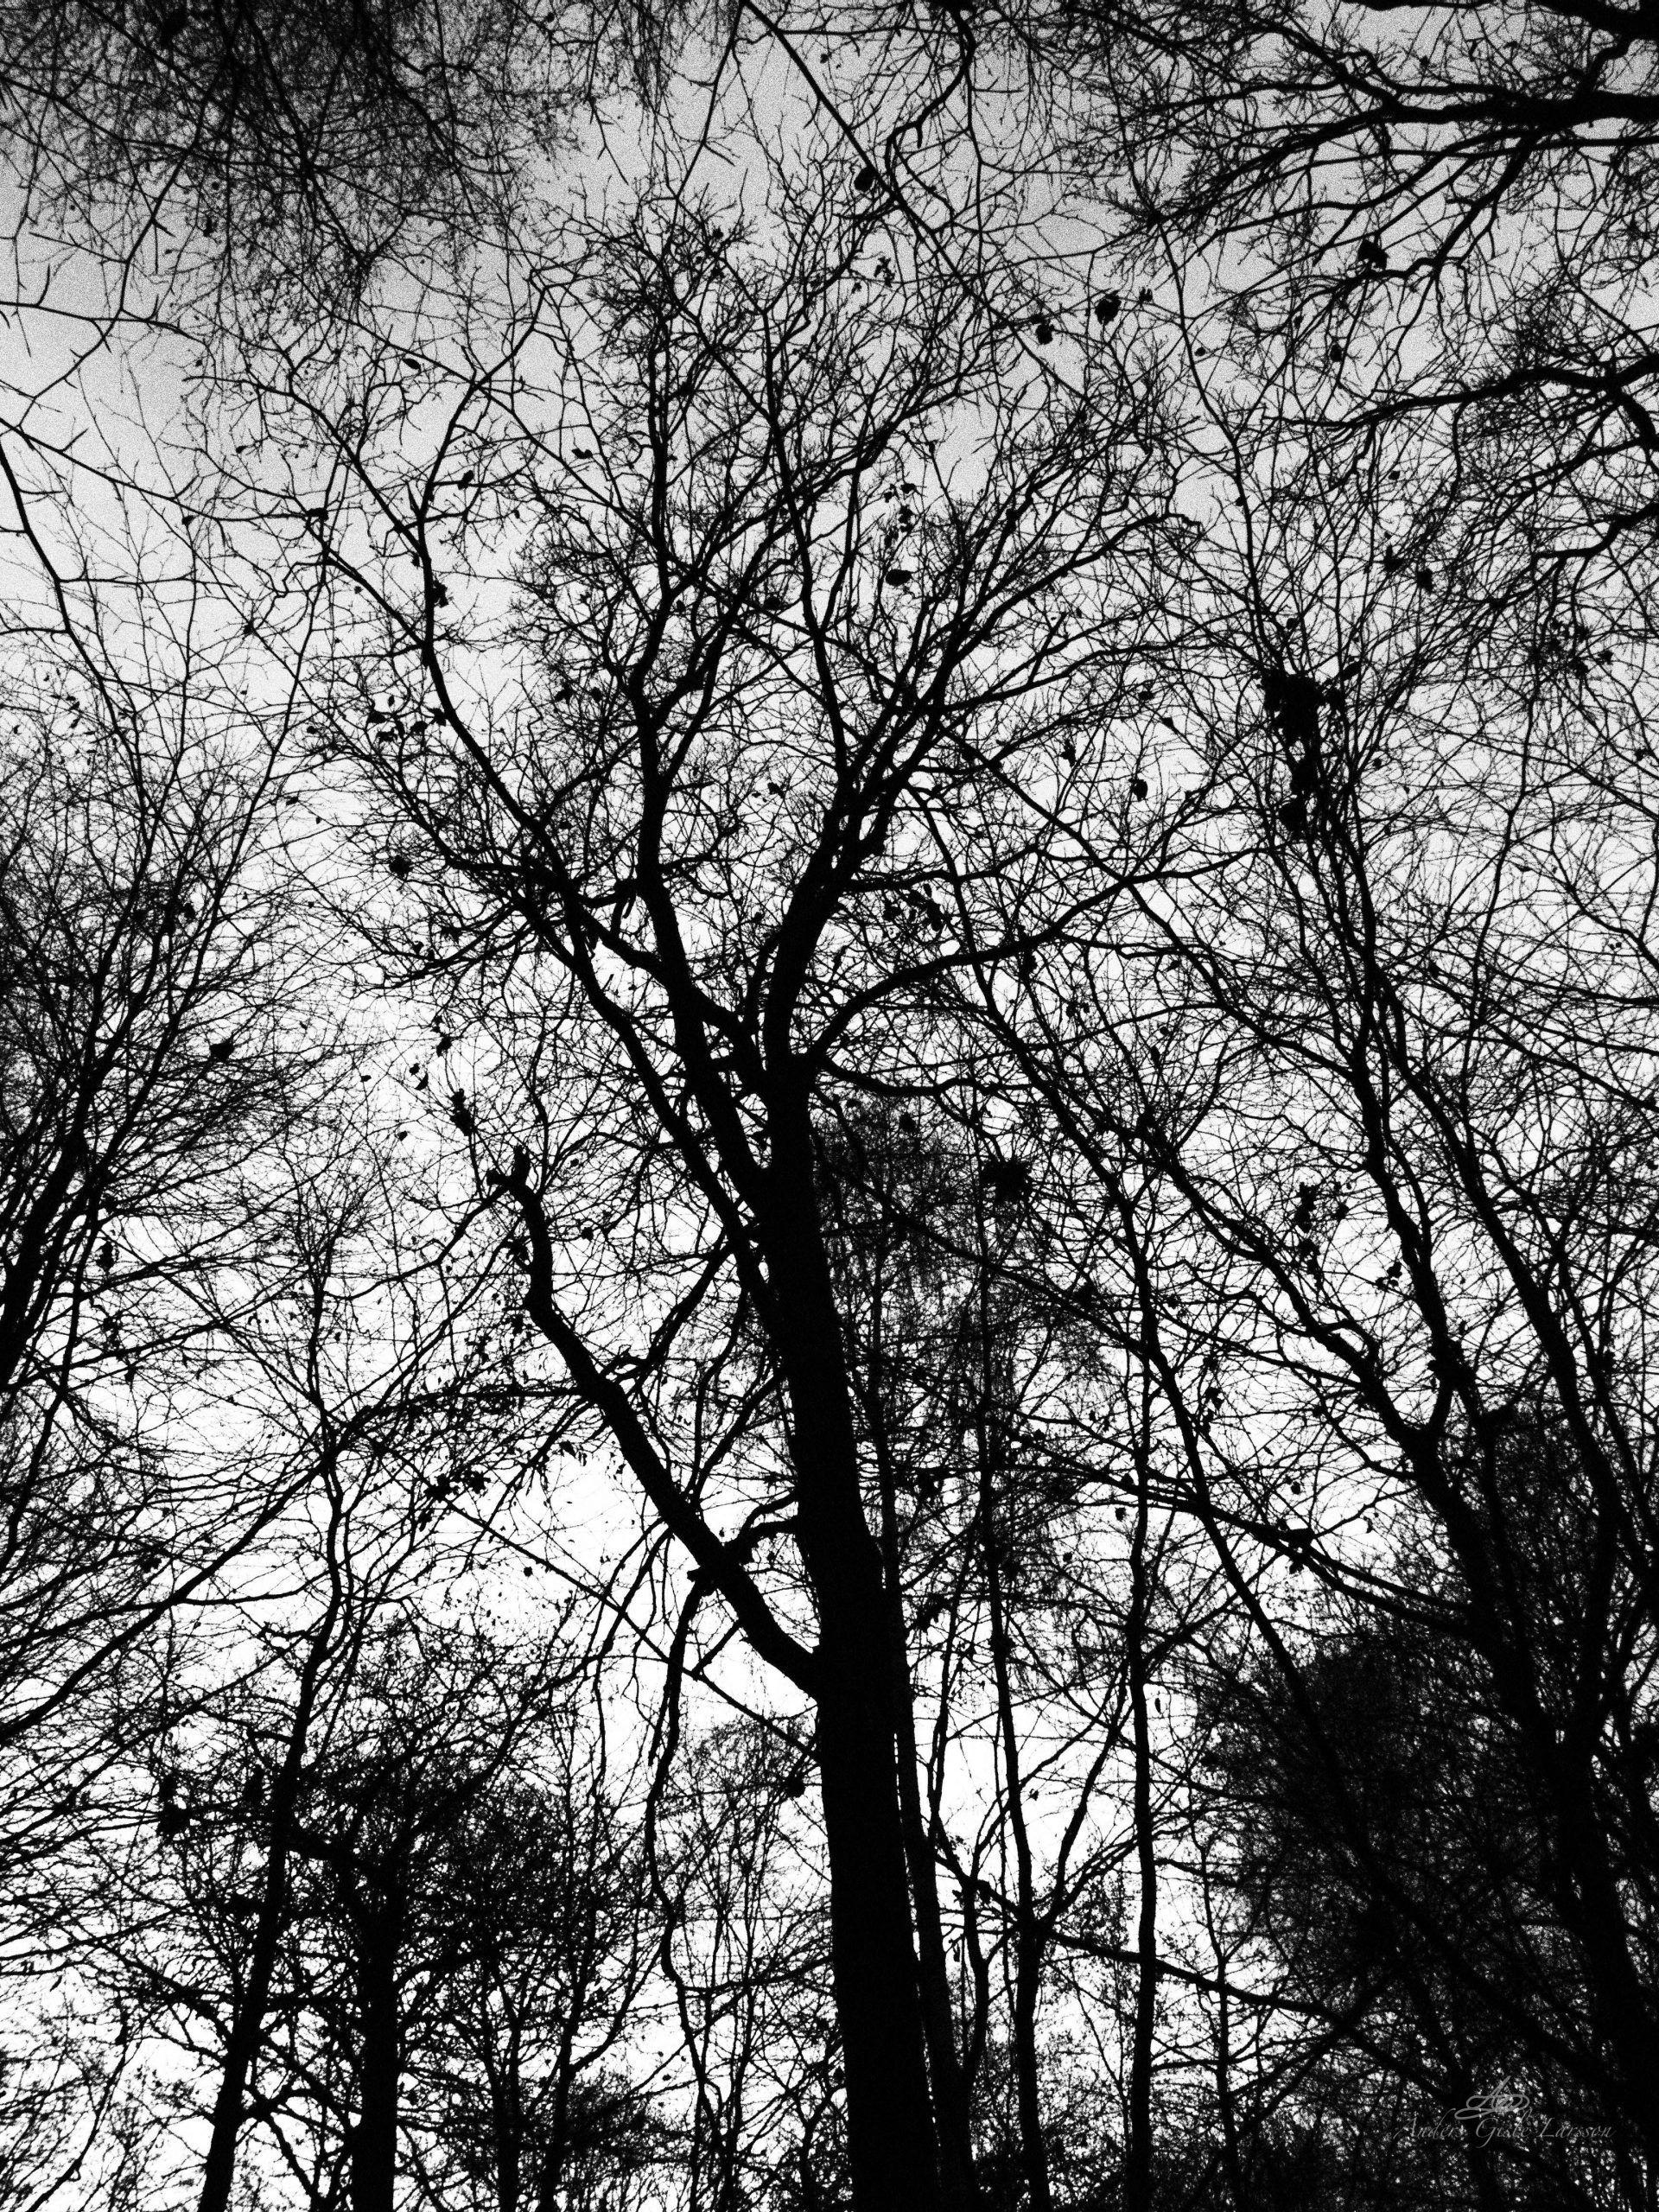 Spøgelses Skoven, 328/365, Uge 47, Assentoft, Randers